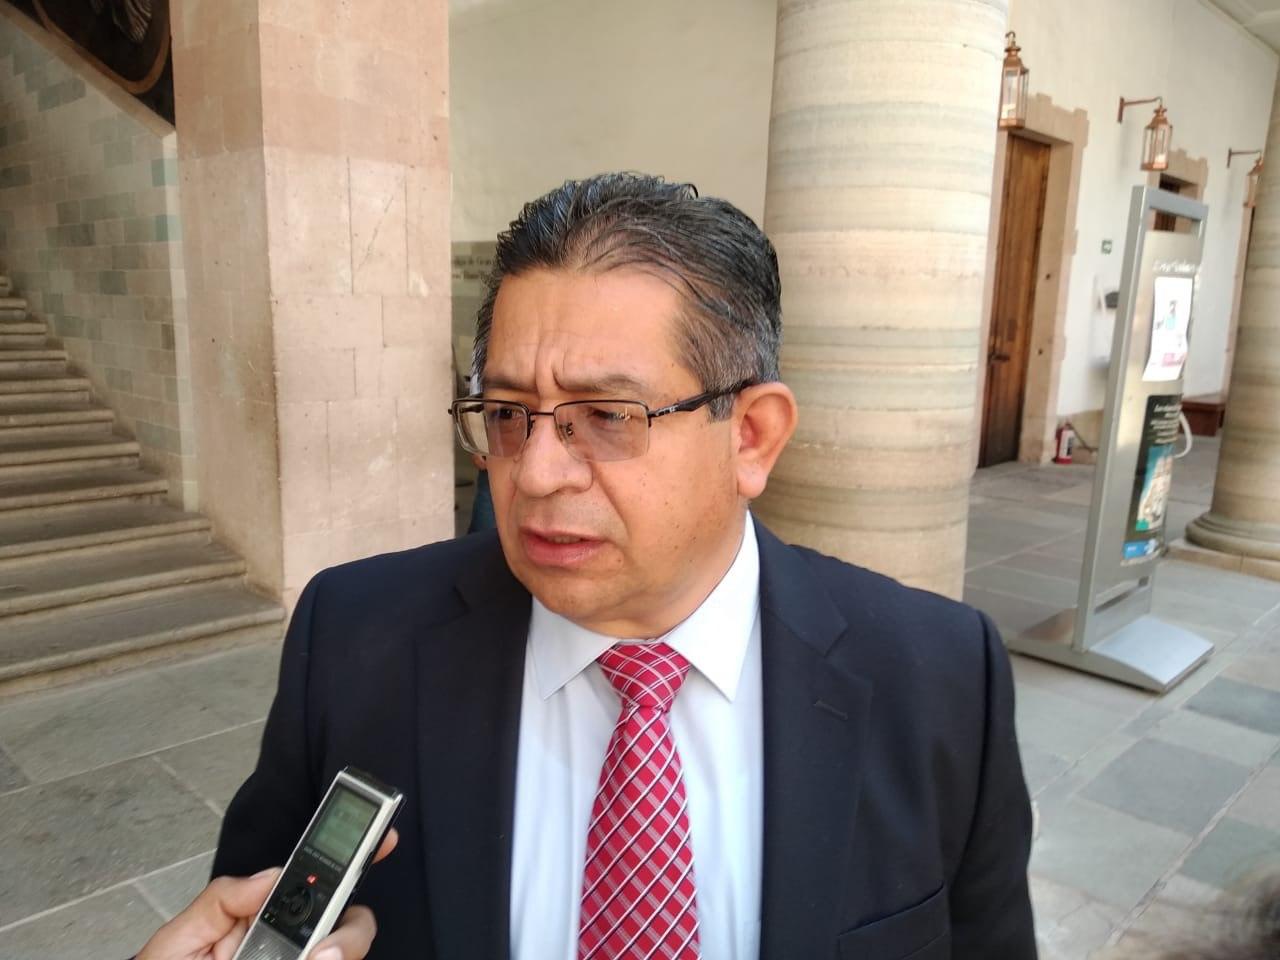 Juan Carlos Delgado, director de Medio Ambiente y Ordenamiento Territorial